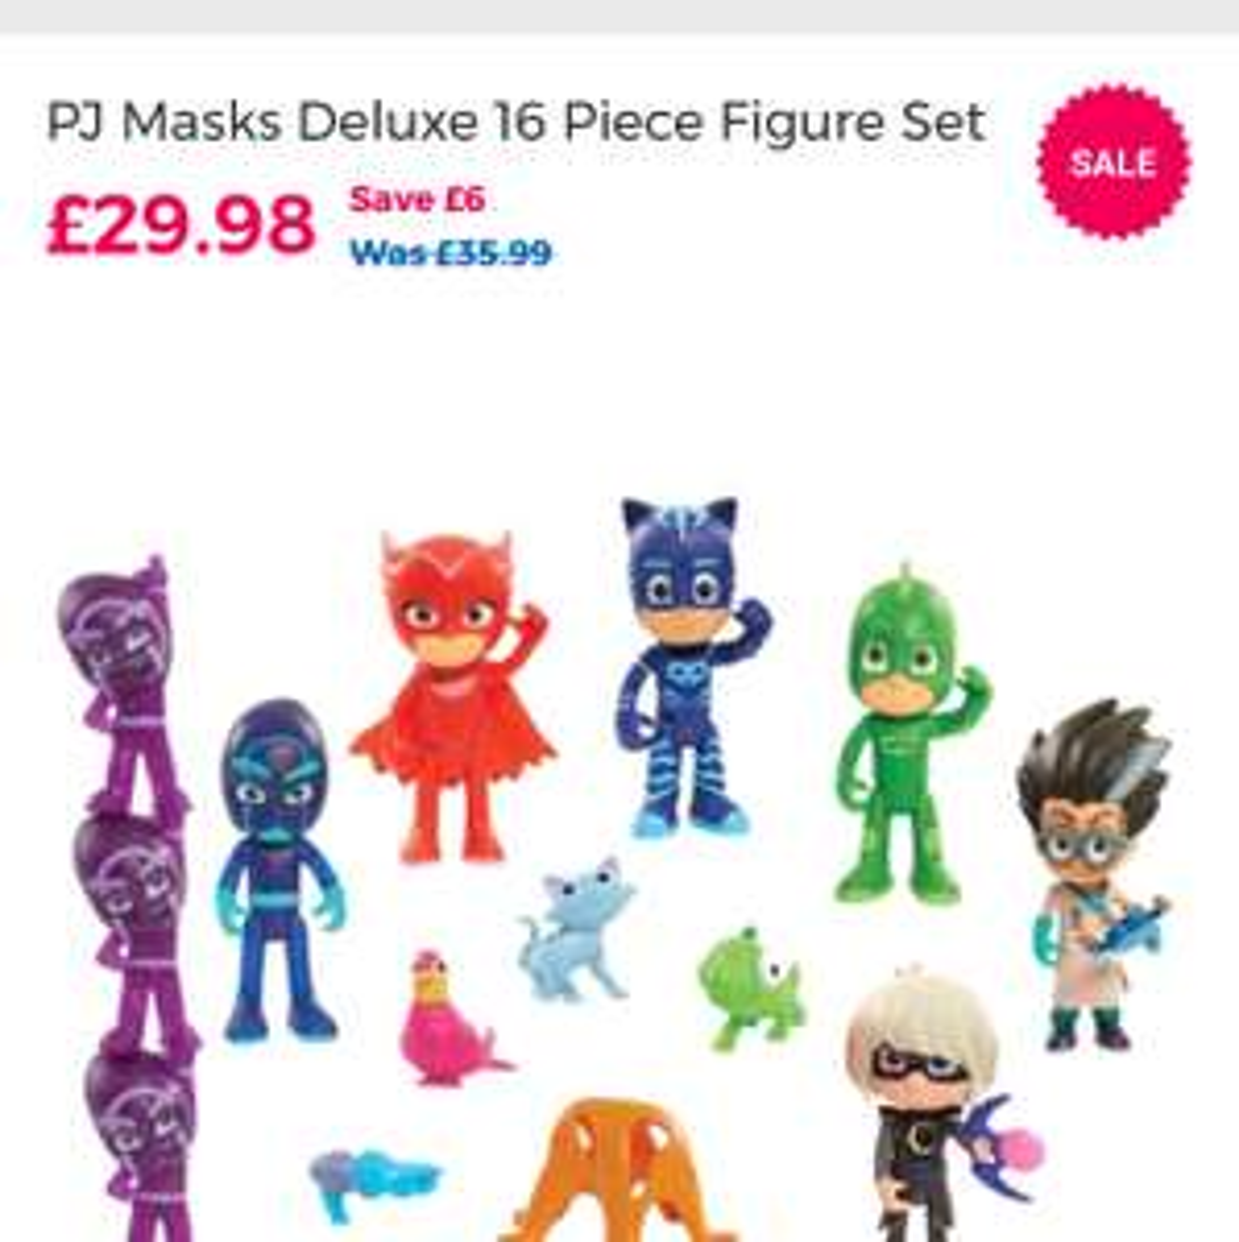 PJ Masks Deluxe 16 Piece Figure Set £29.98 @ toysRus (C&C)